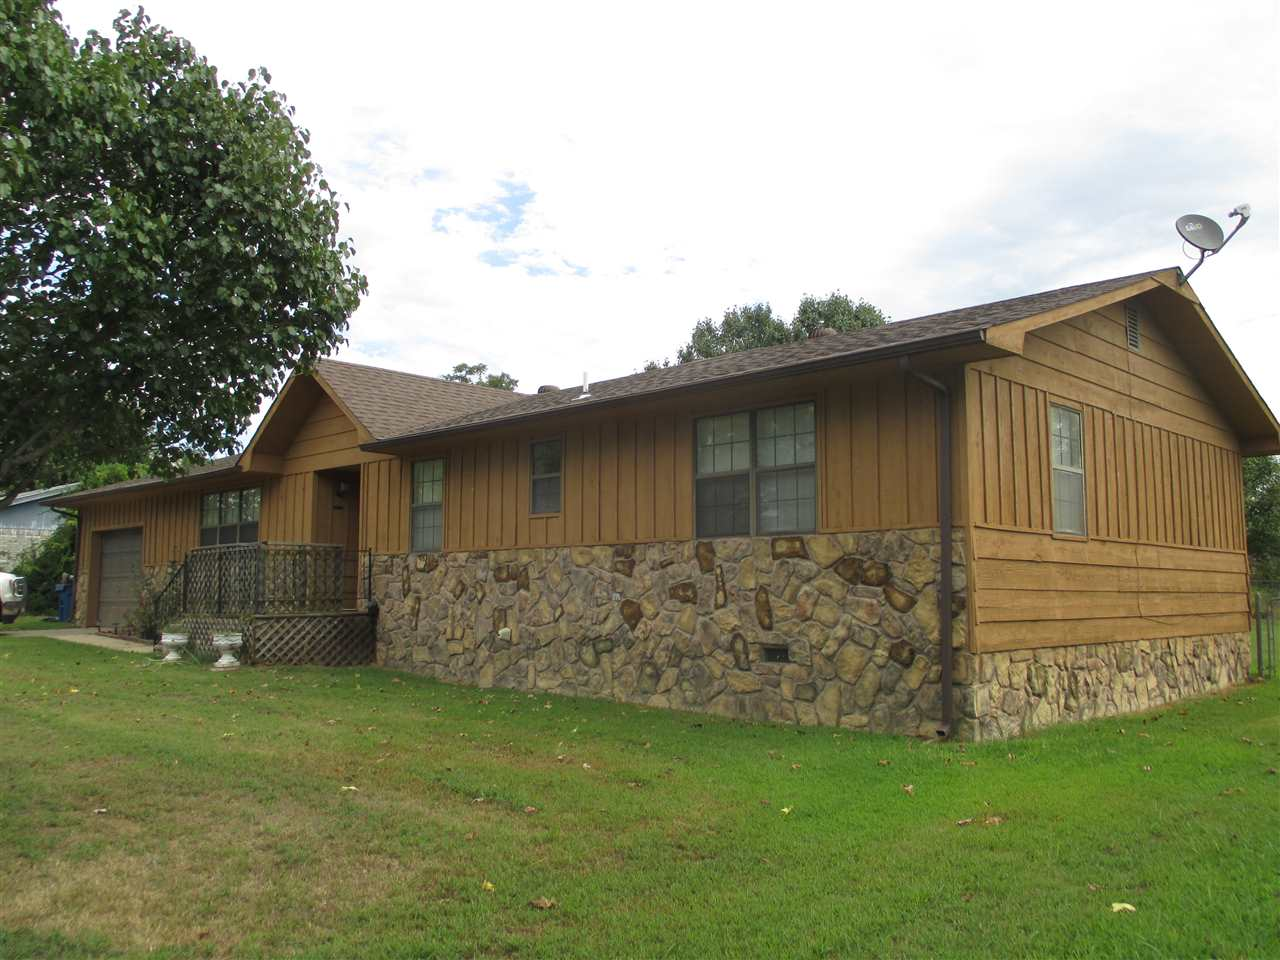 Real Estate for Sale, ListingId: 35341591, Atoka,OK74525